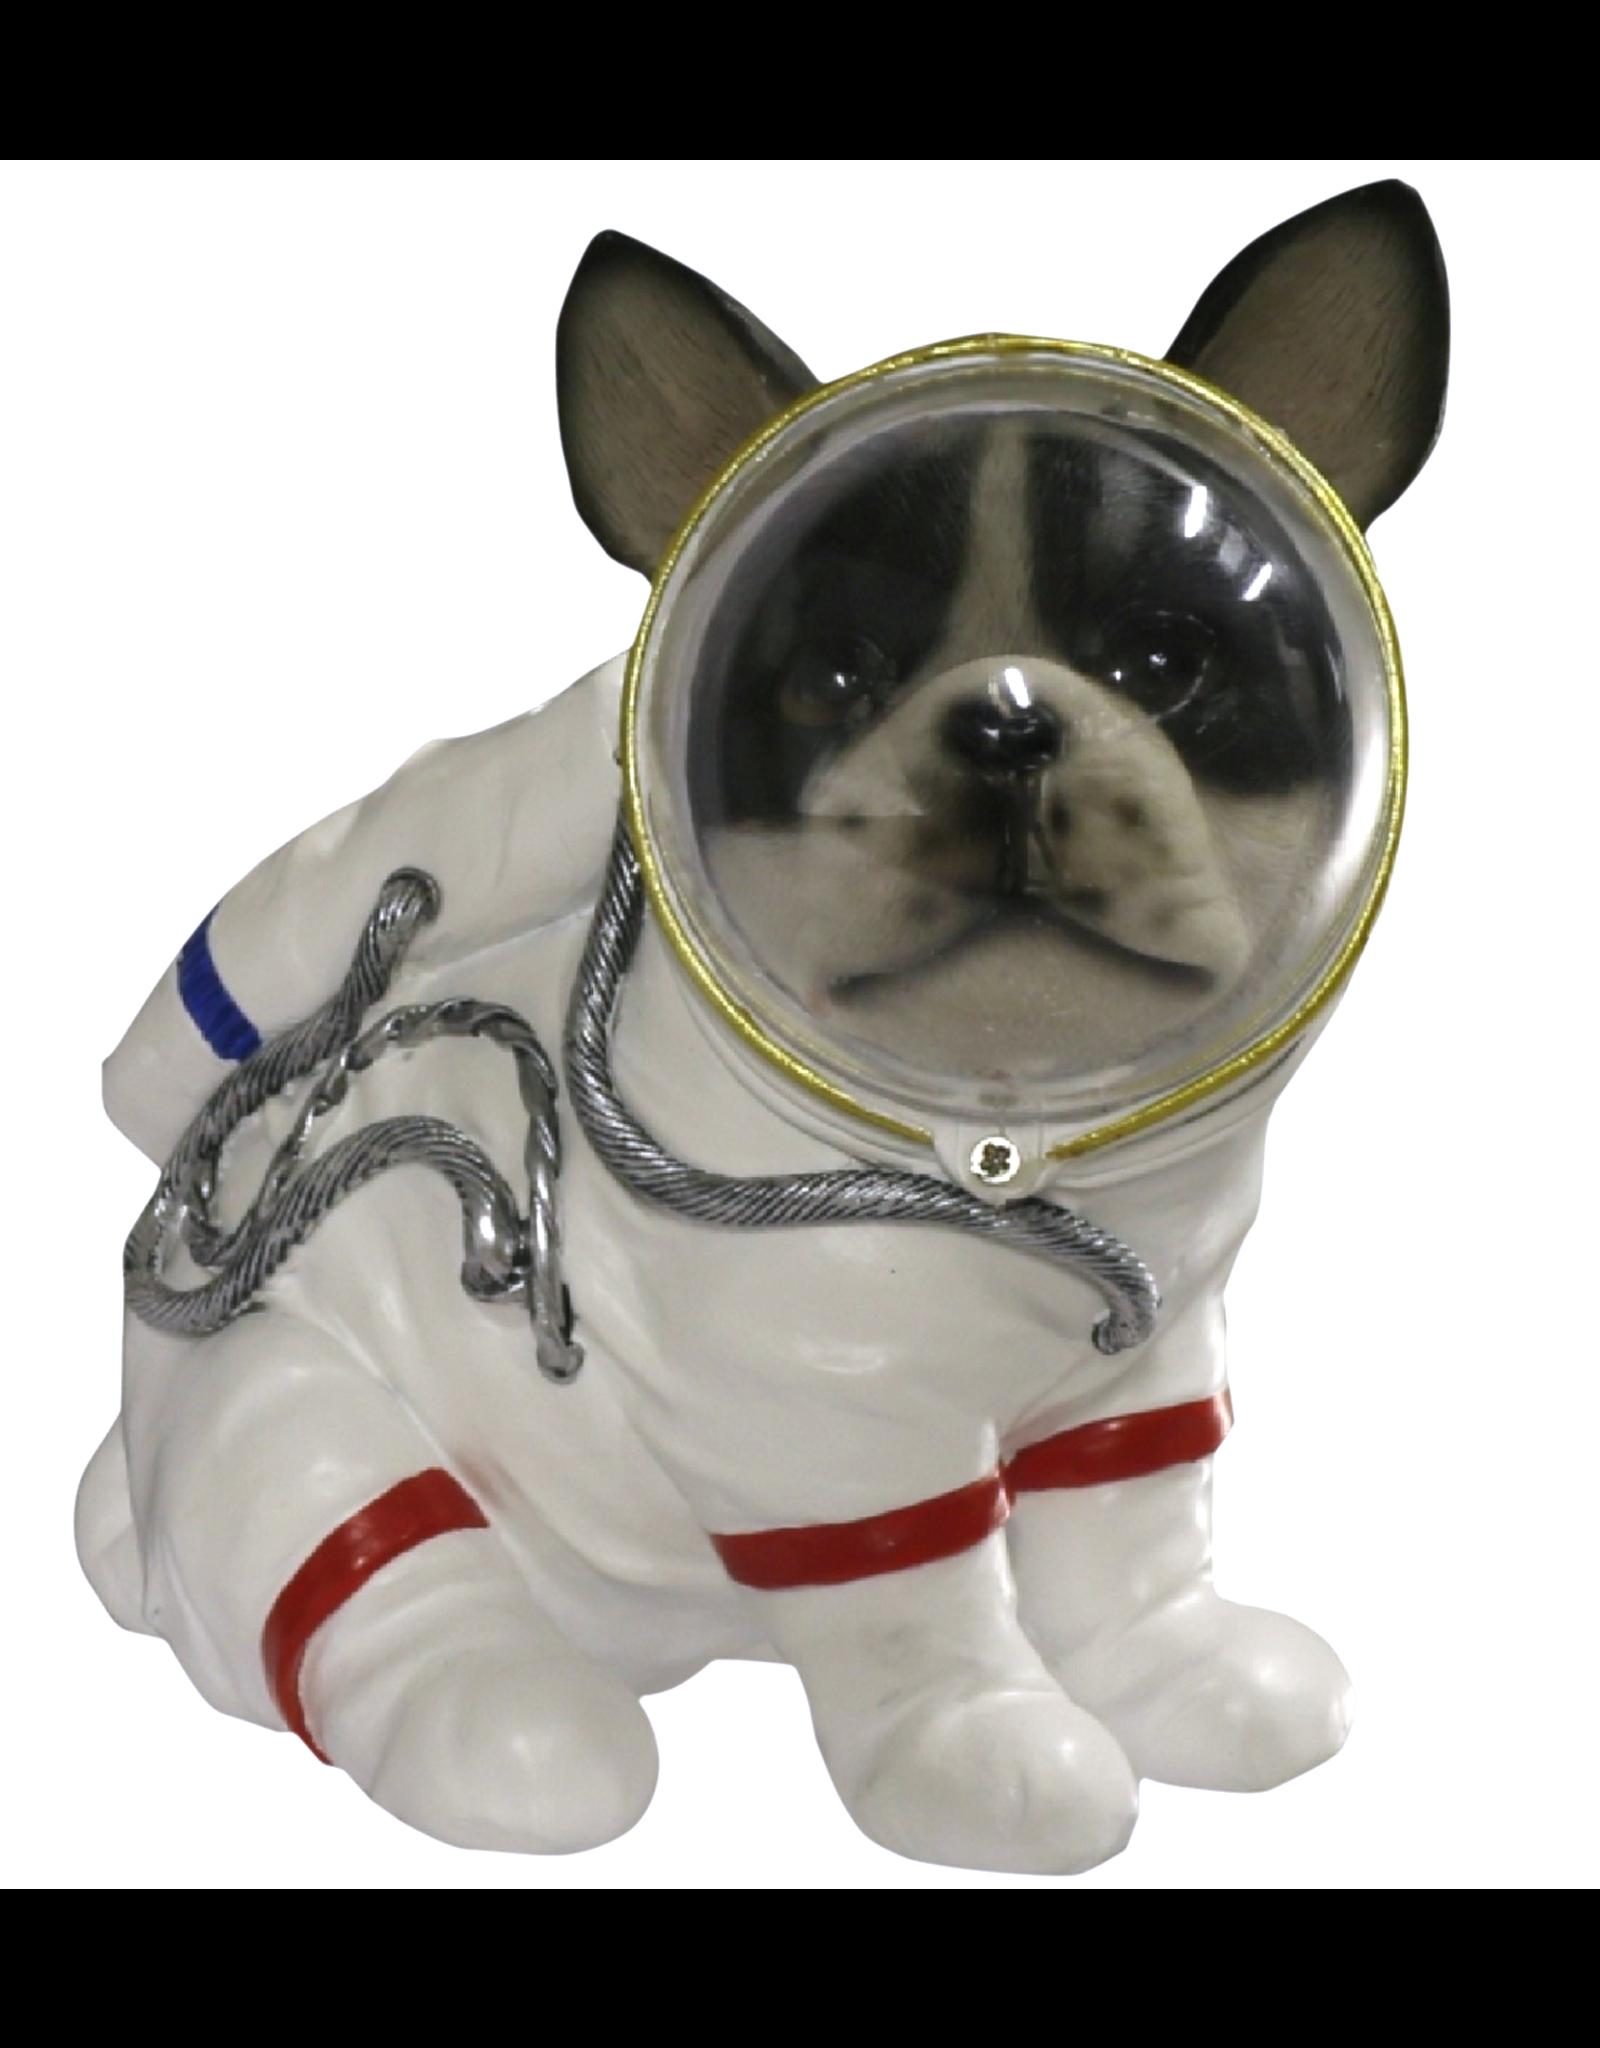 Trukado Giftware Beelden Collectables - Hond Astronaut beeldje 17cm